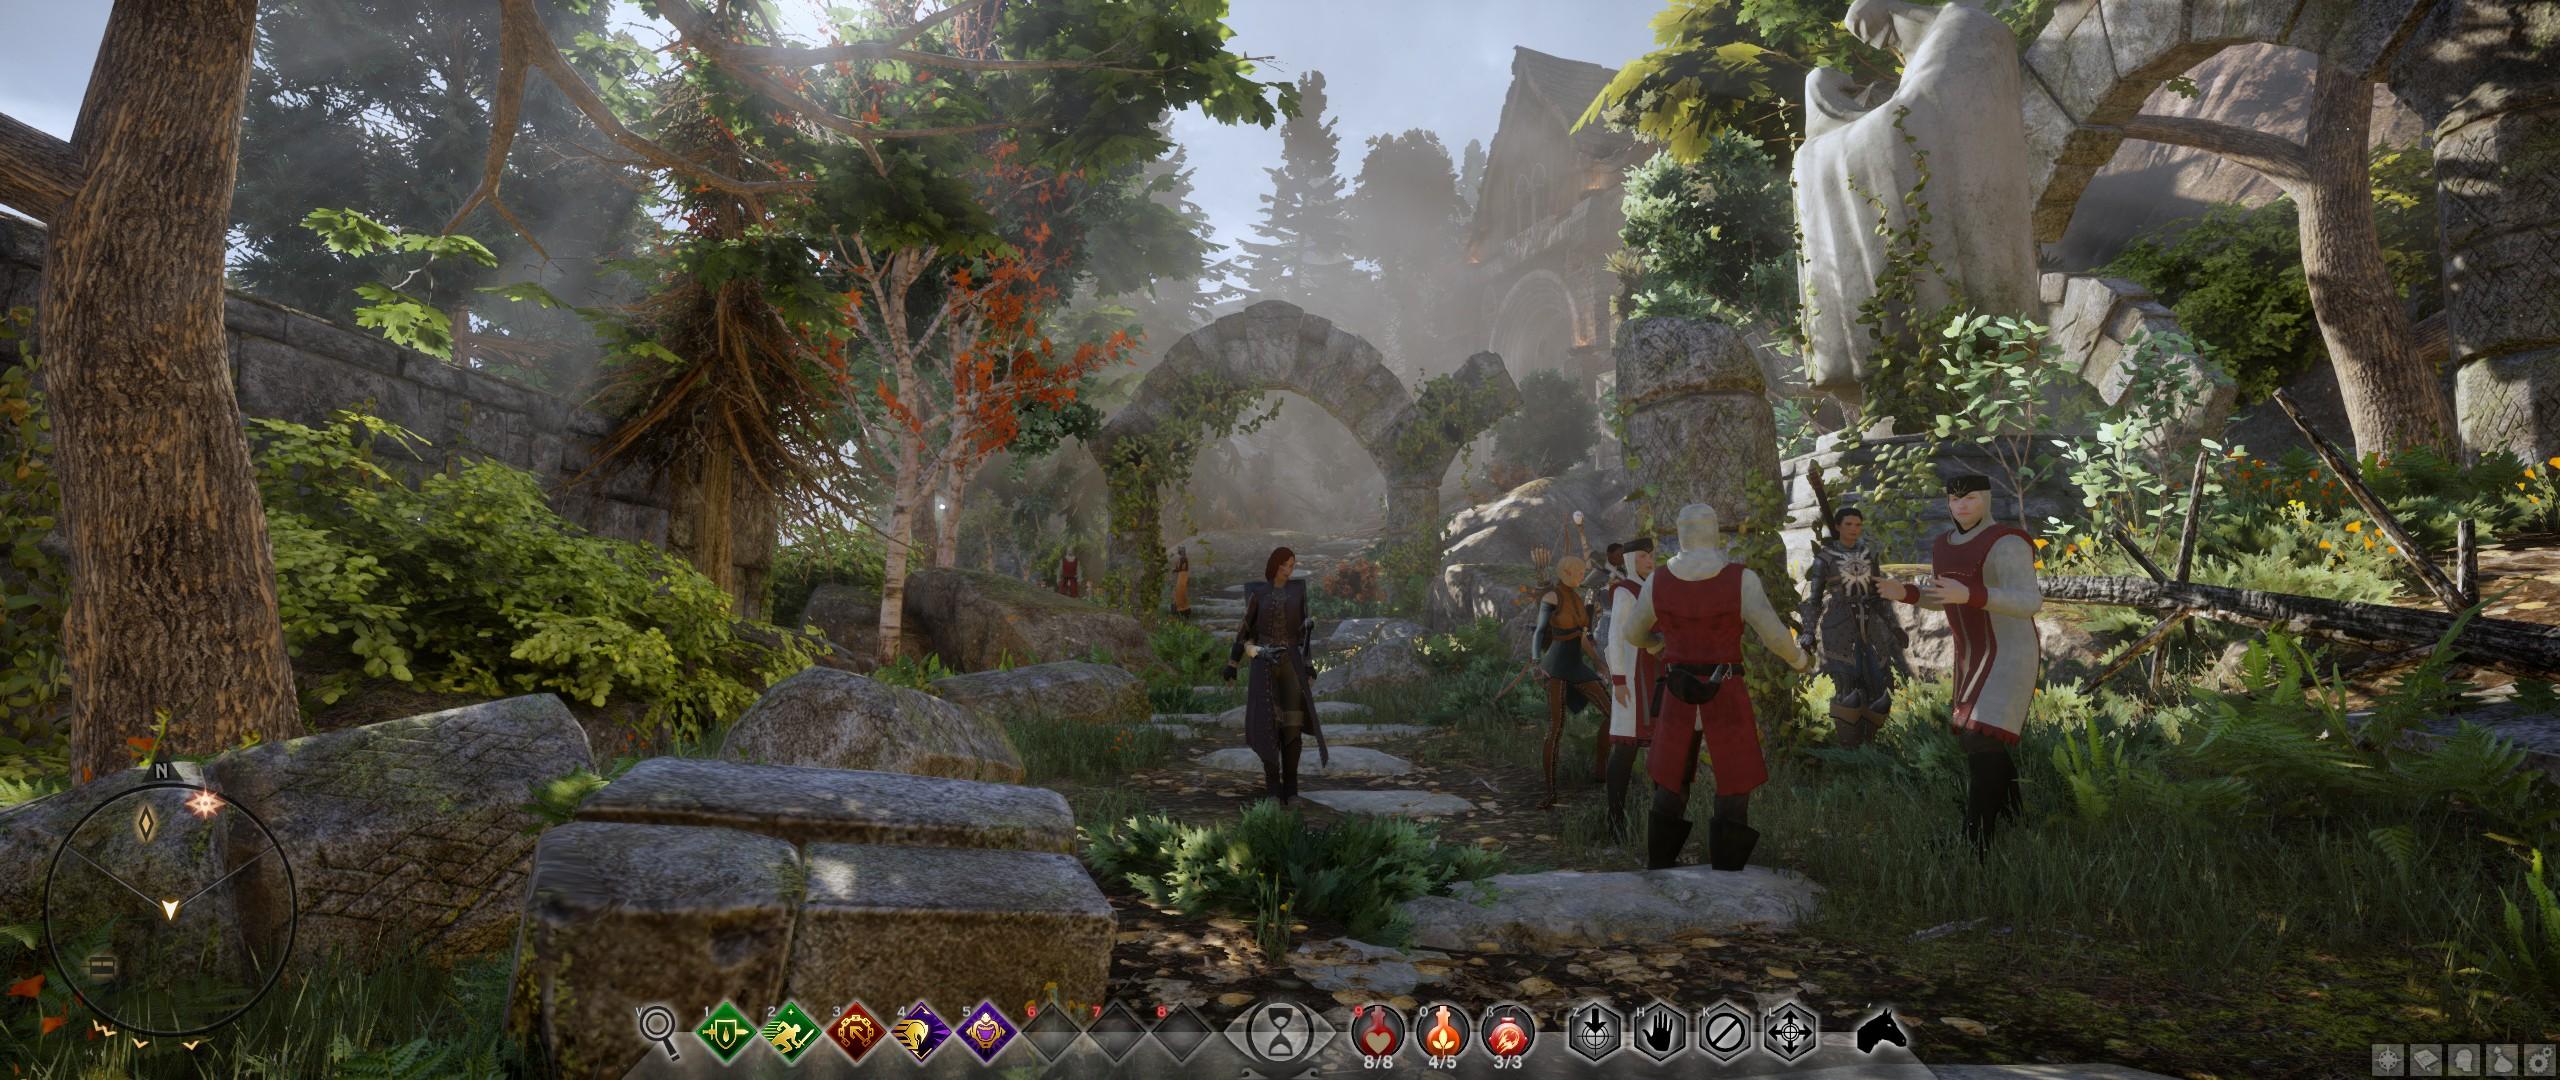 ScreenshotWin32_0027_Final